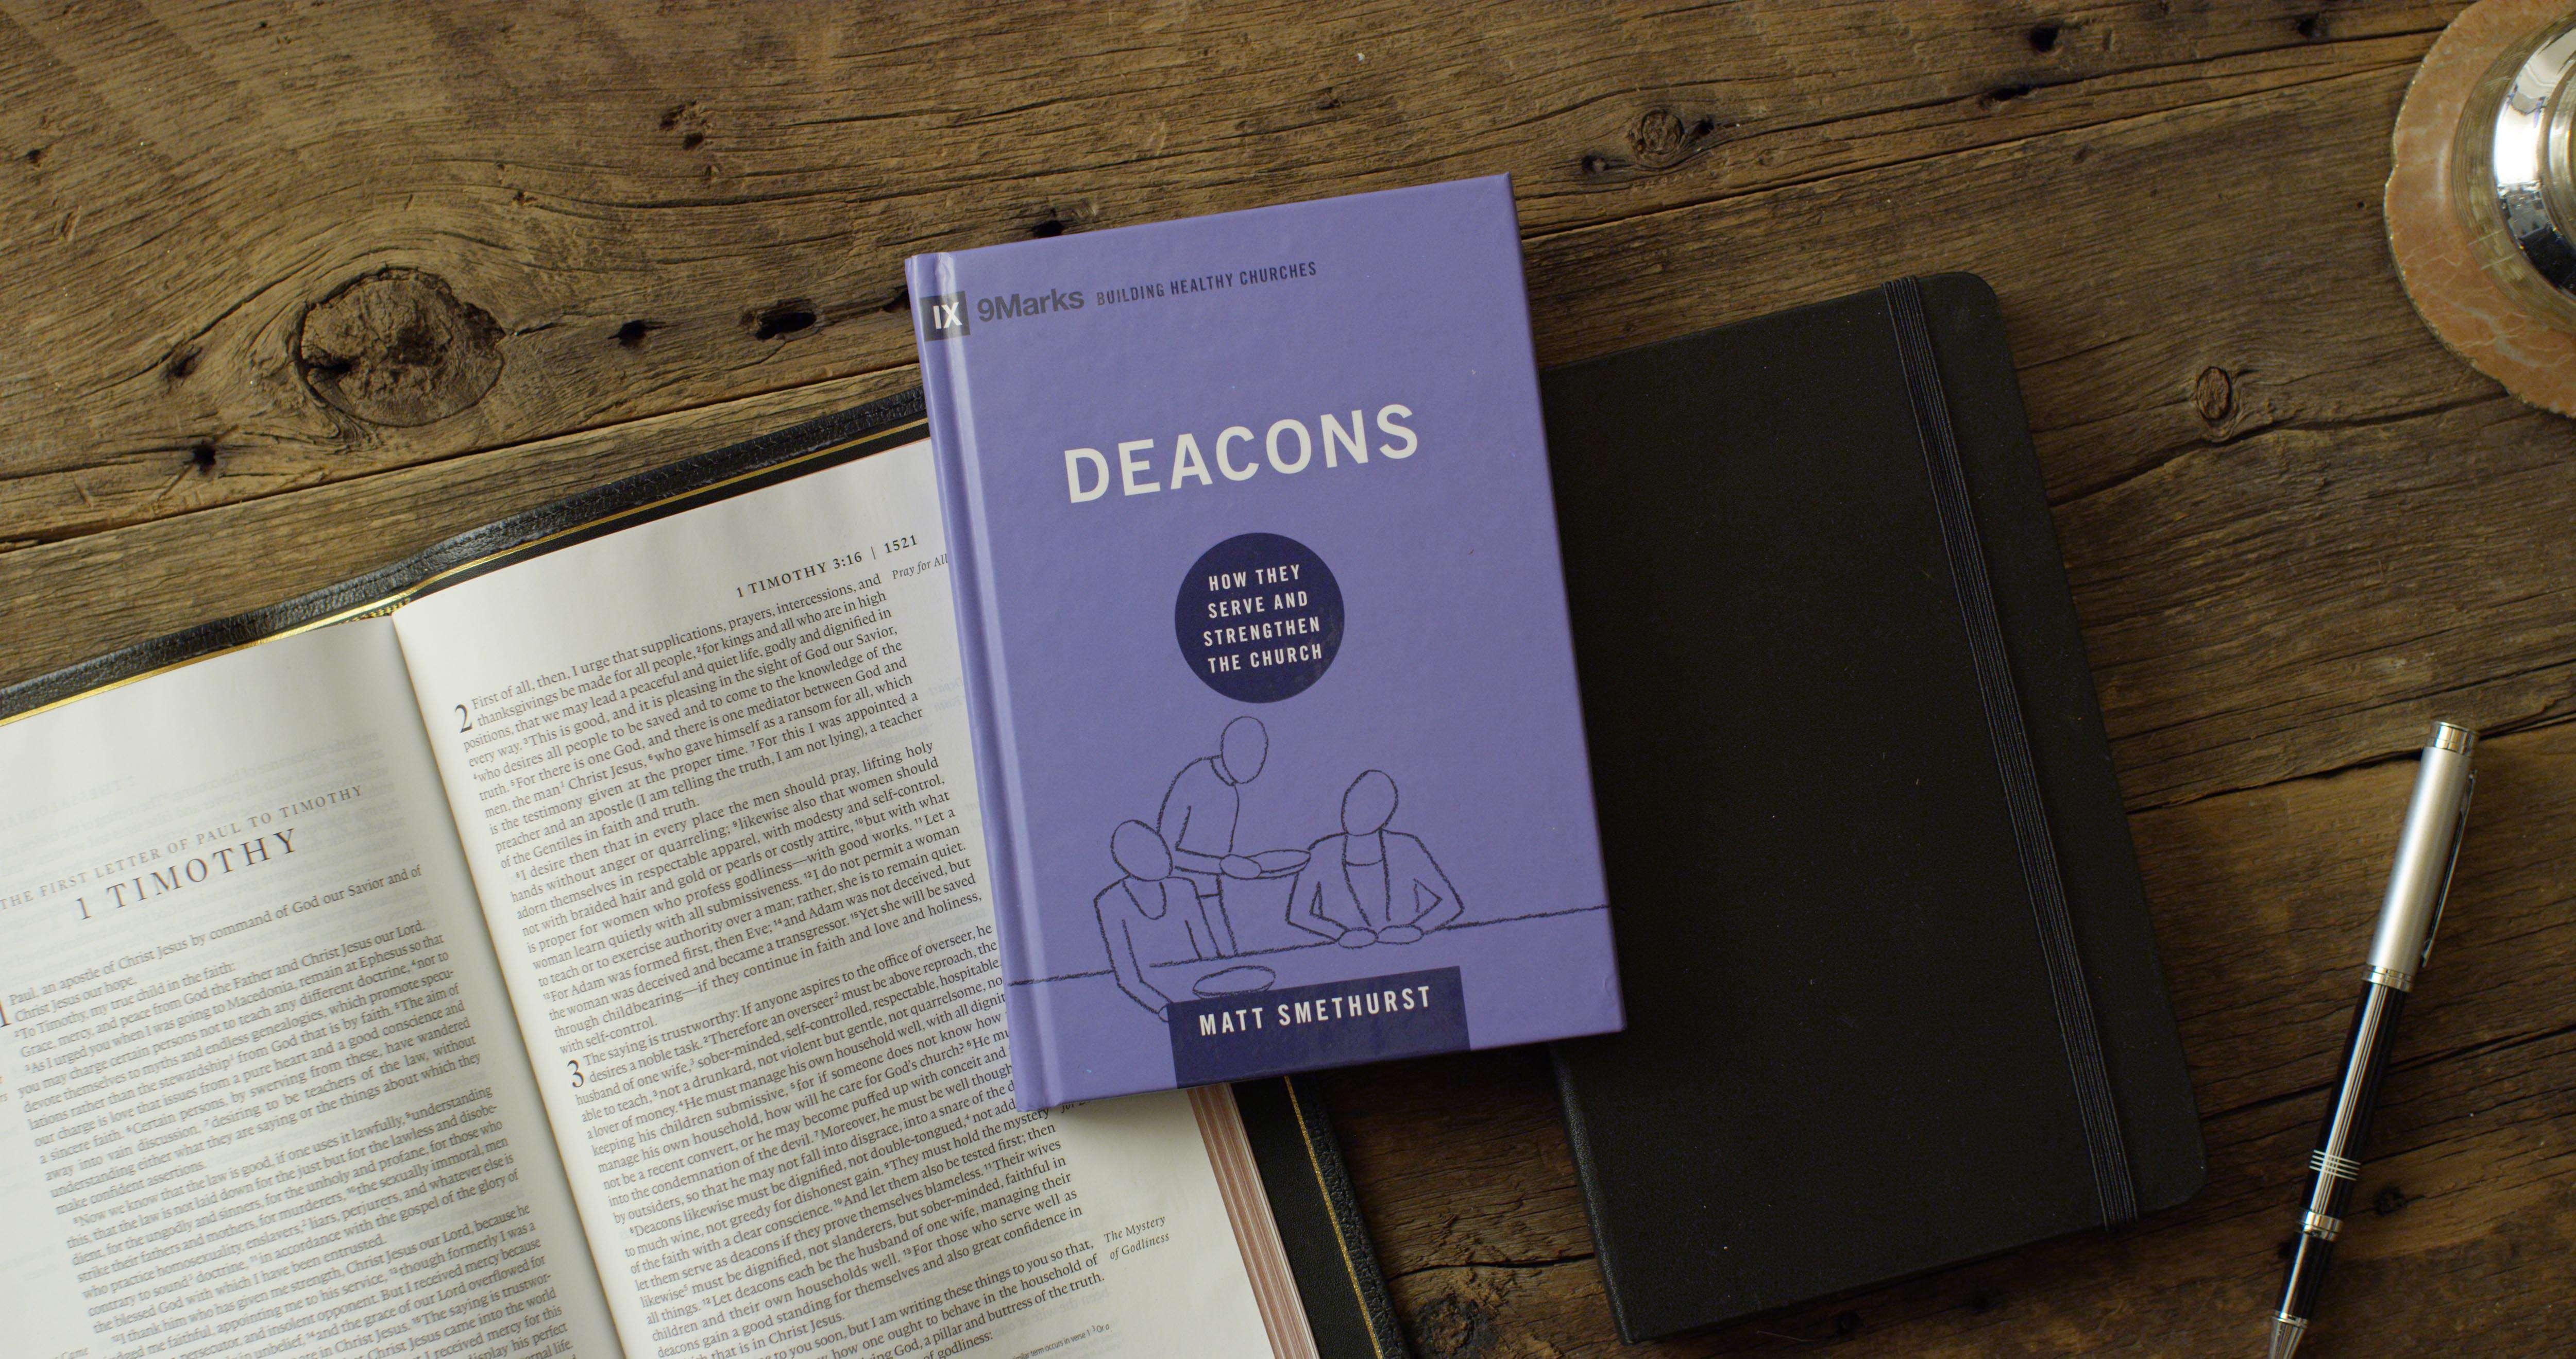 'Deacons' by Matt Smethurst